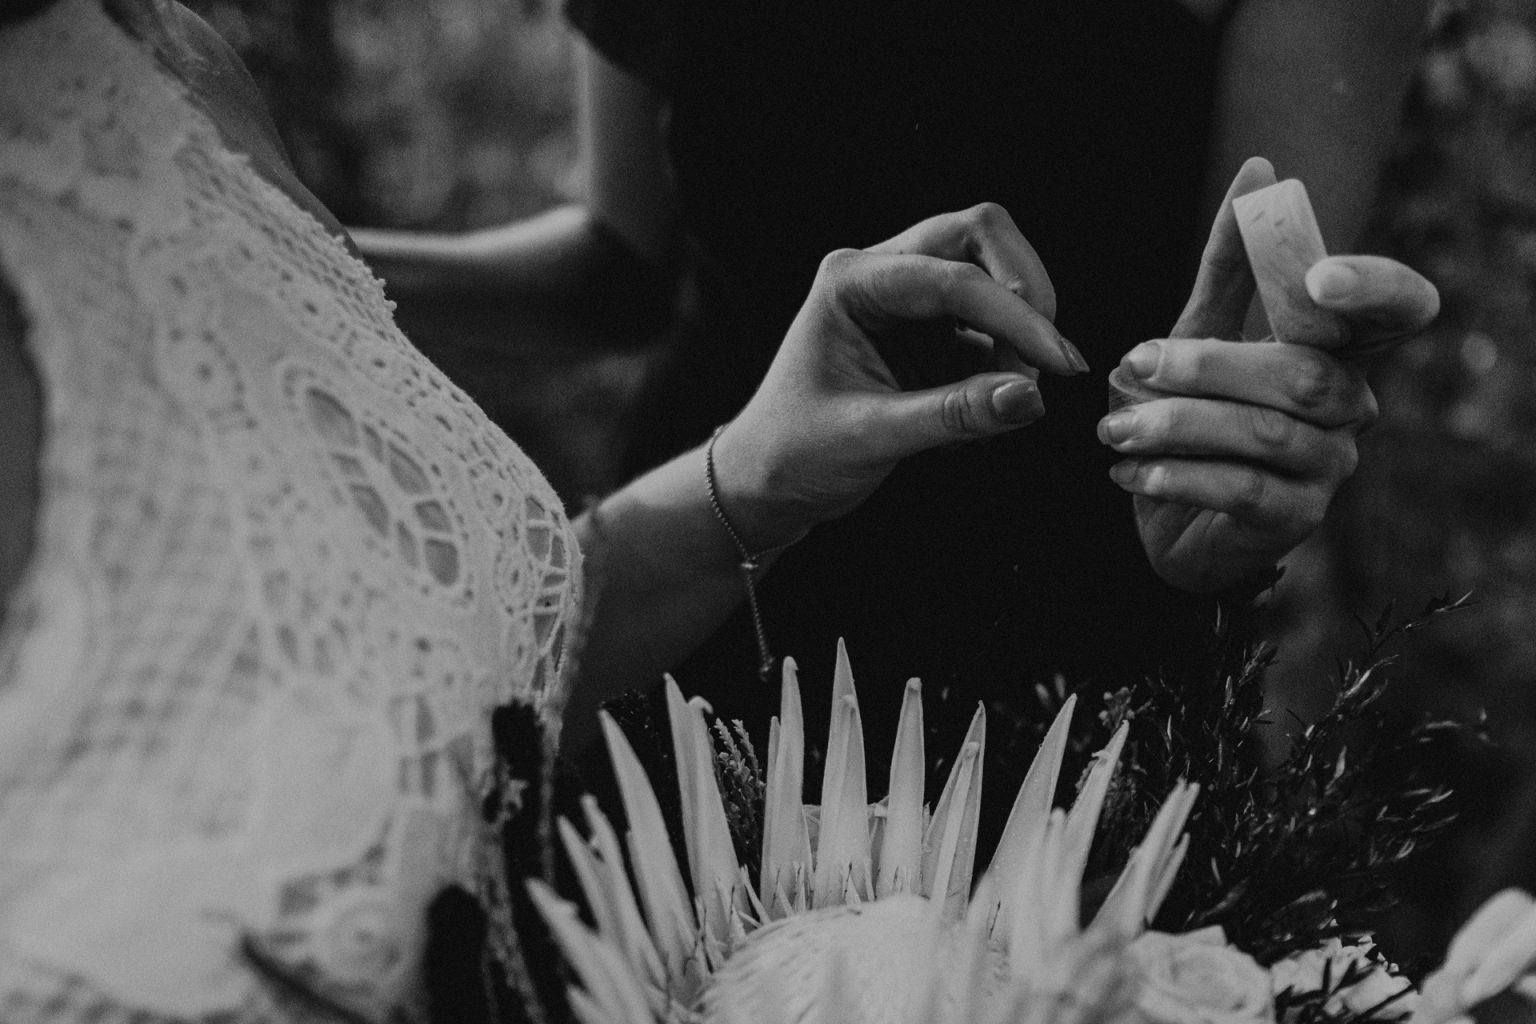 woman taking ring